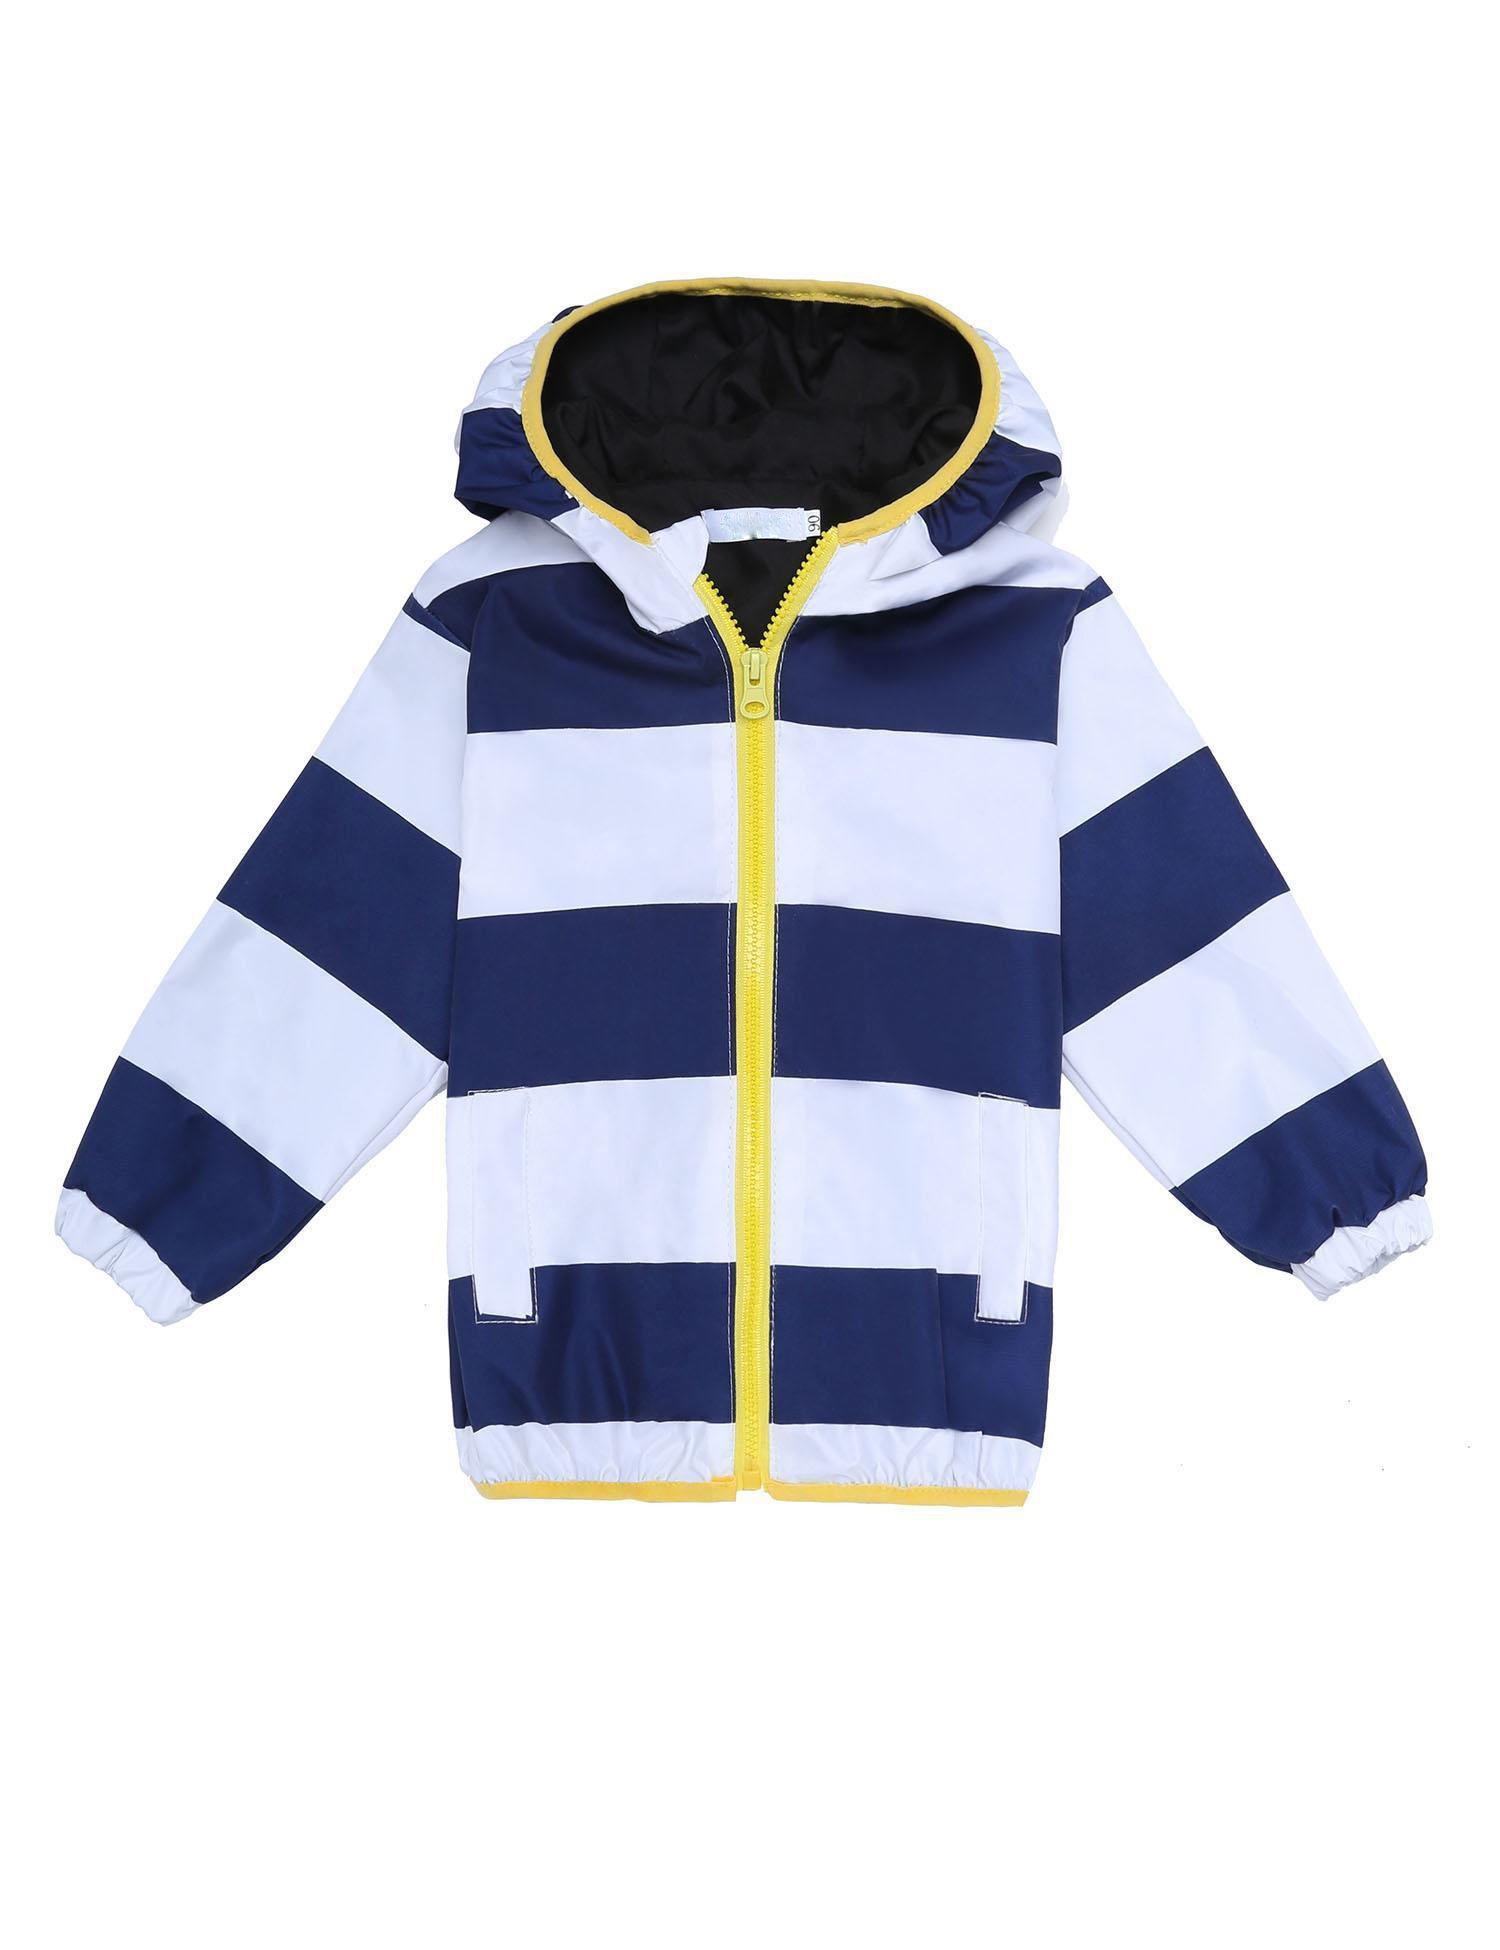 Dickin Kids Unisex Waterproof Striped Lightweight Zip-up Outwear Windbreaker Raincoat with Hooded by Dickin